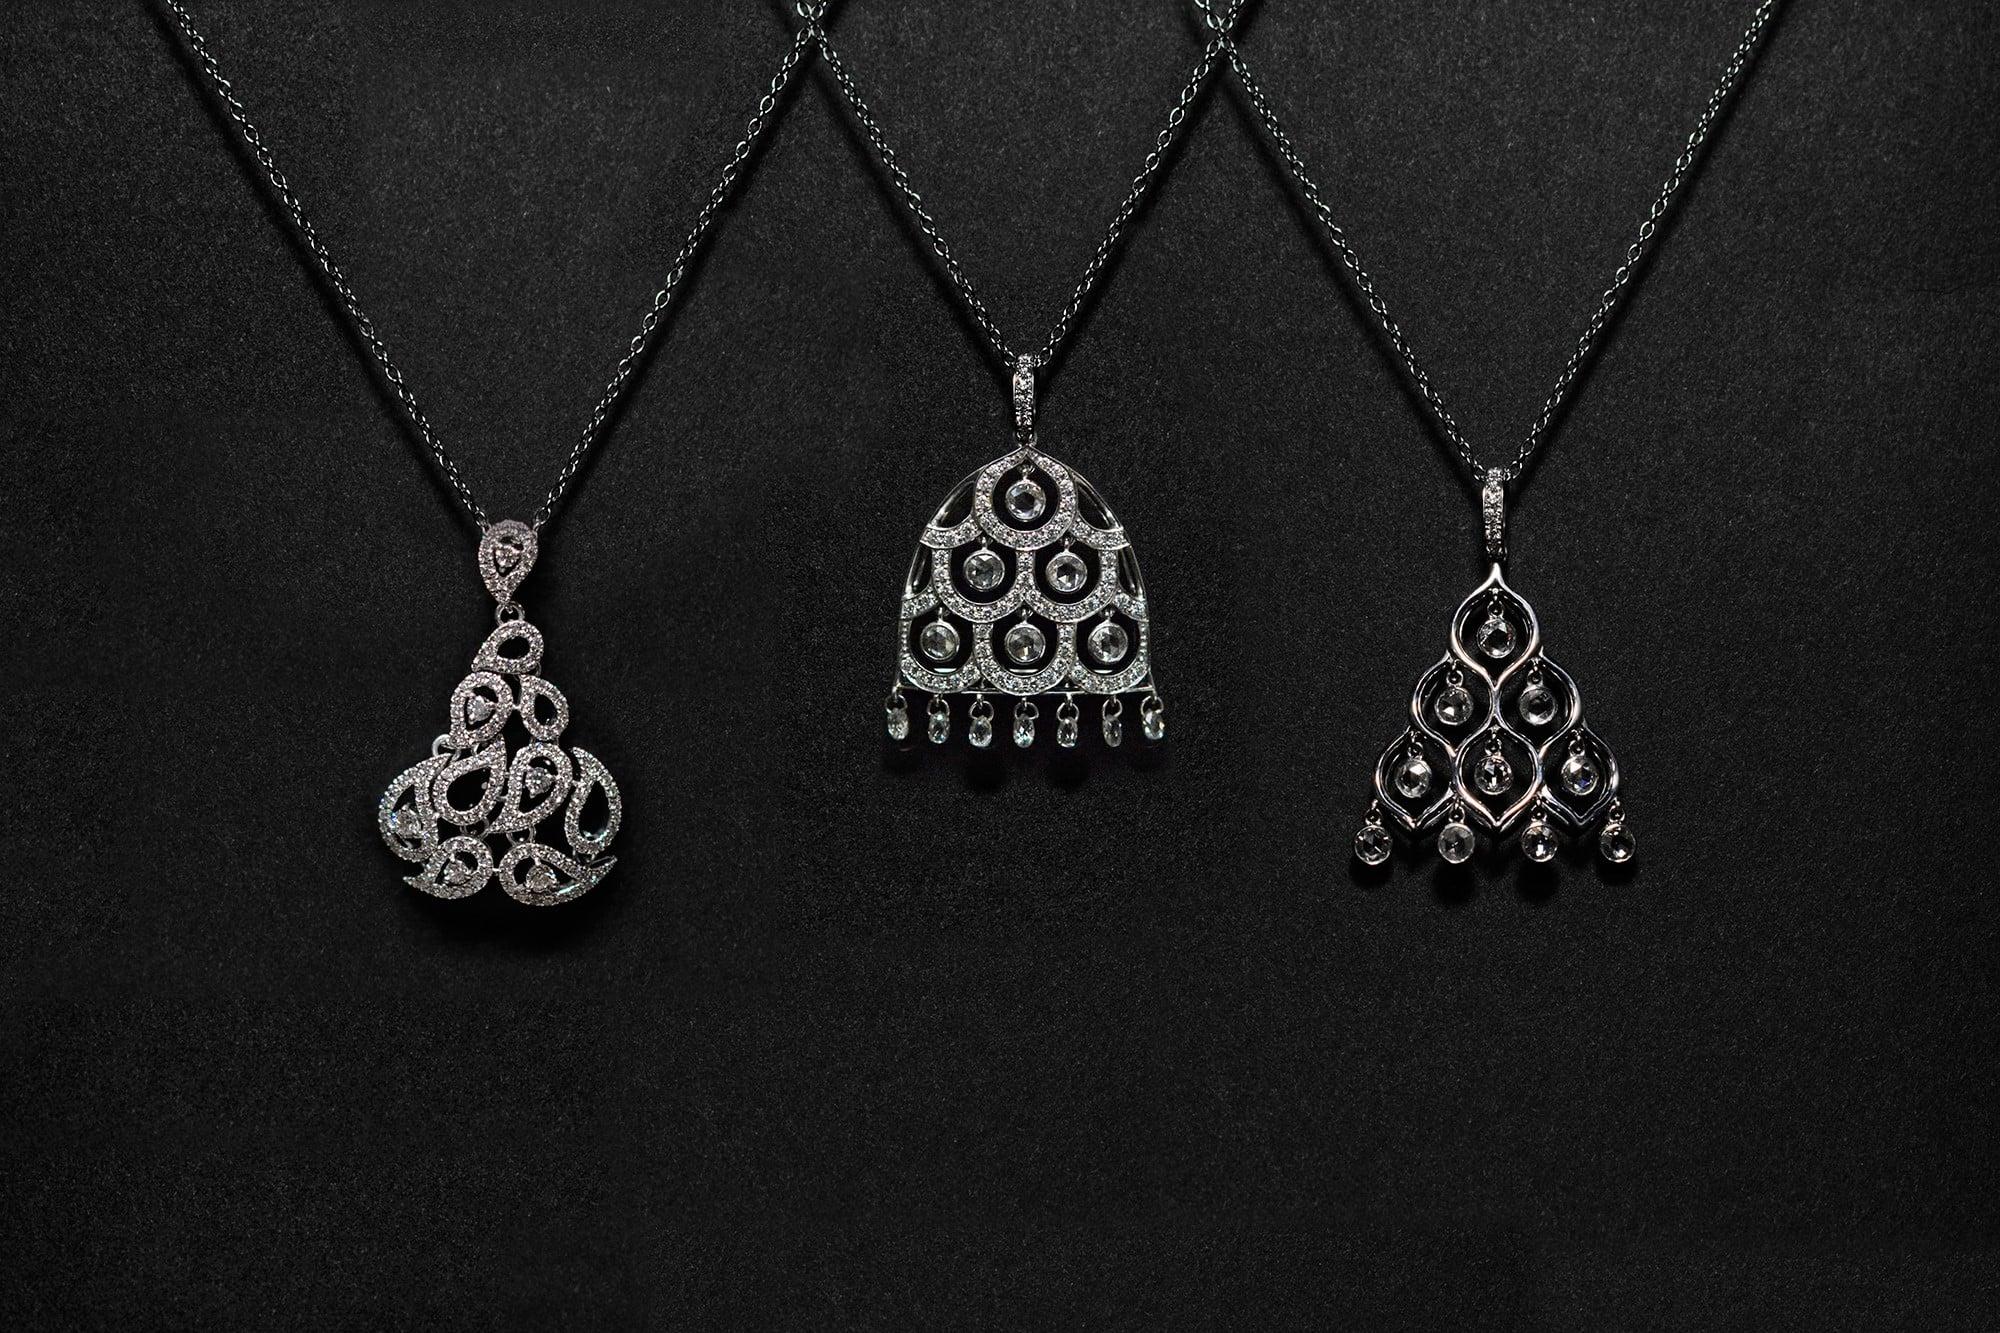 「クラシック」ネックレス。ダイヤモンドがバランスよく垂れ下がり、宙に浮くように演出している。プラチナ・ダイヤモンド。左 ¥1,820,000 中¥1,820,000 右¥1,170,000 すべて税別